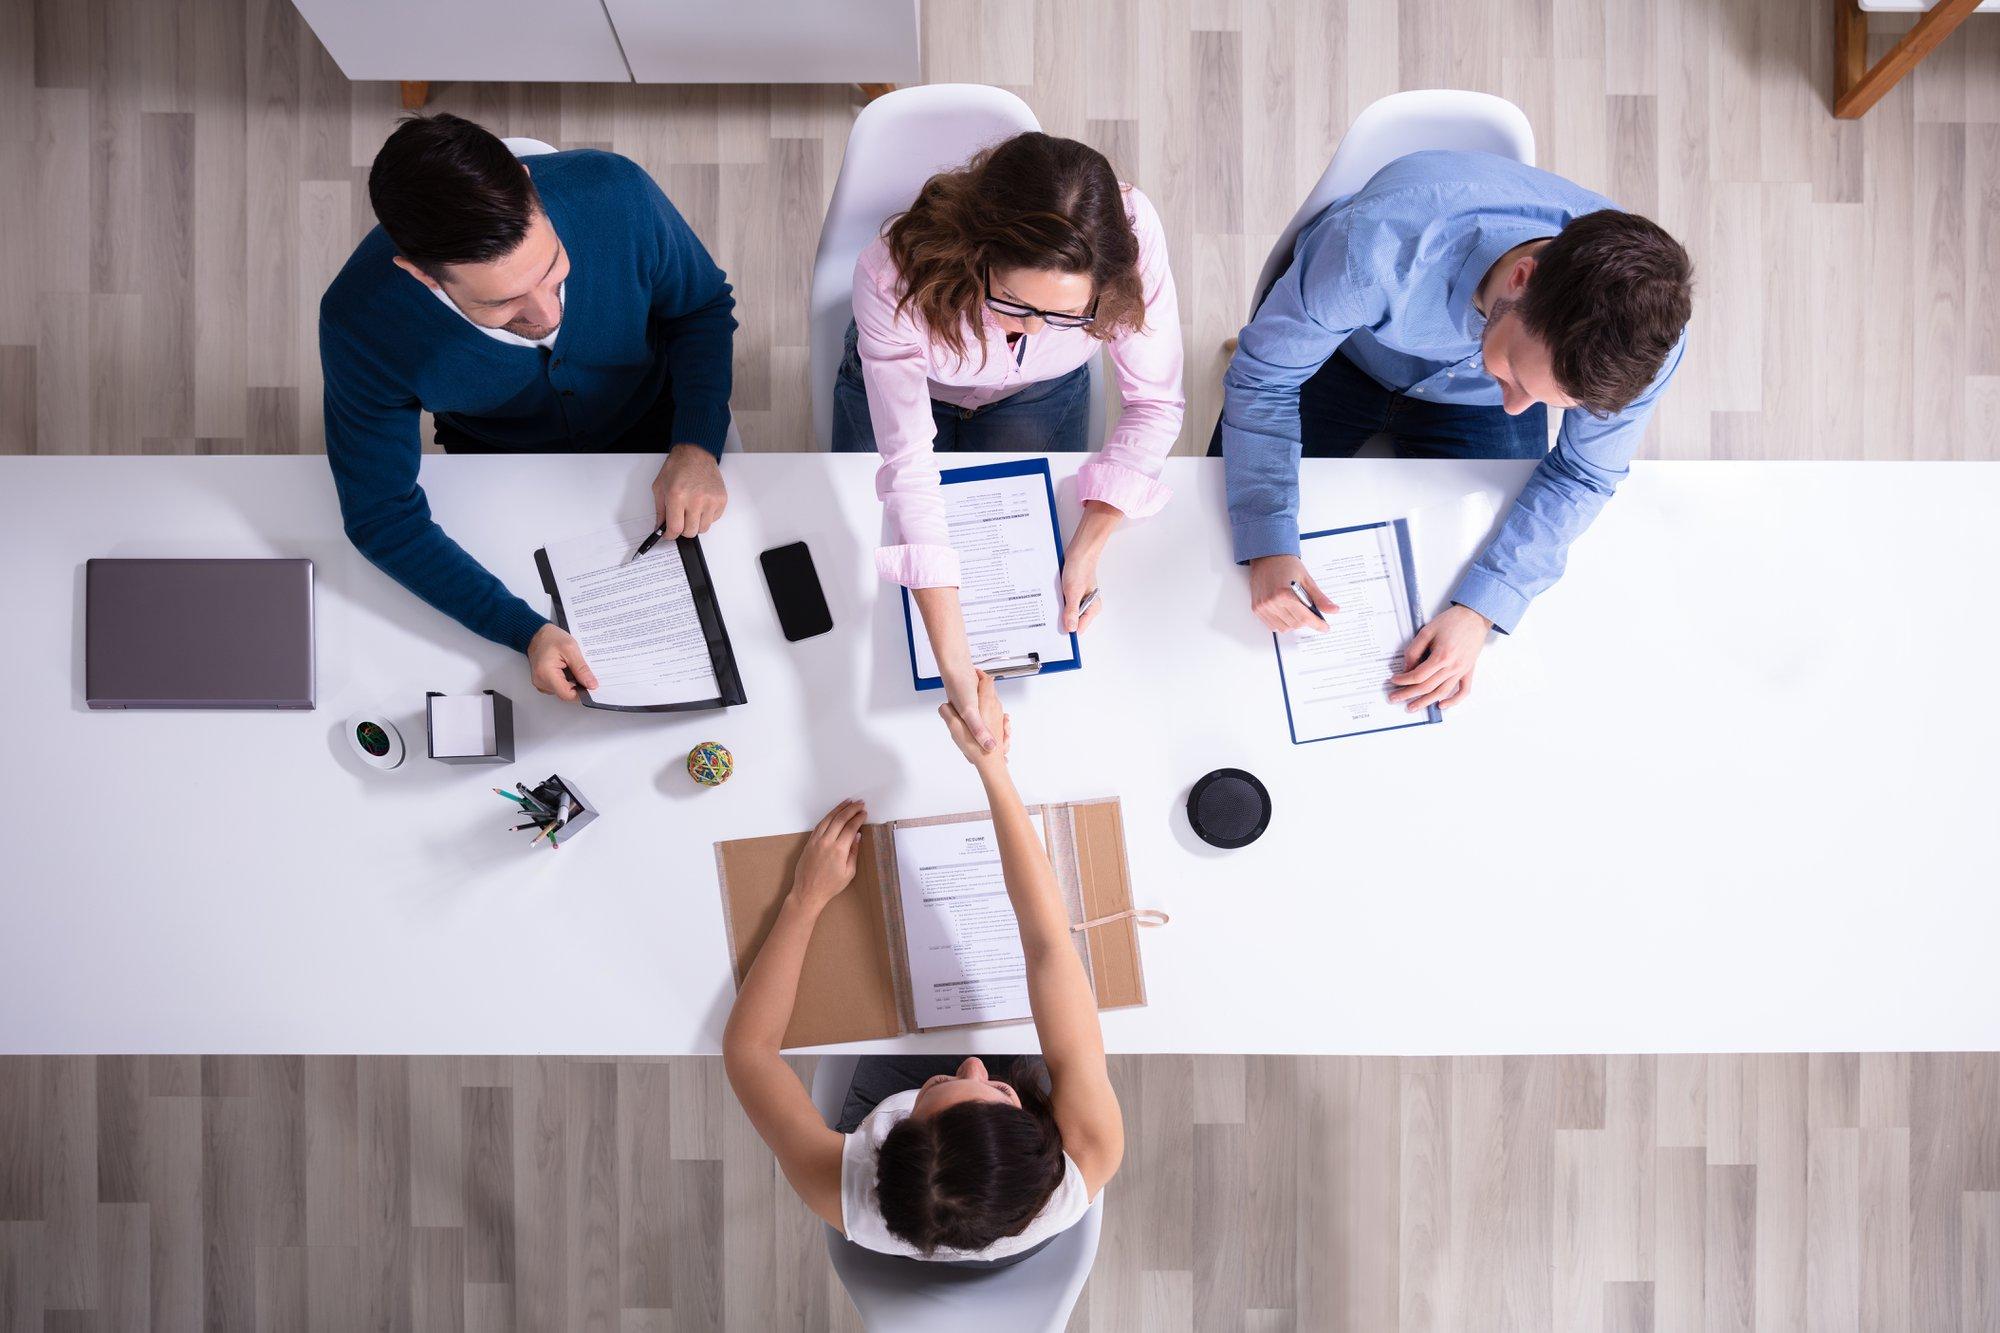 Test je employer branding en rekruteringstrategie